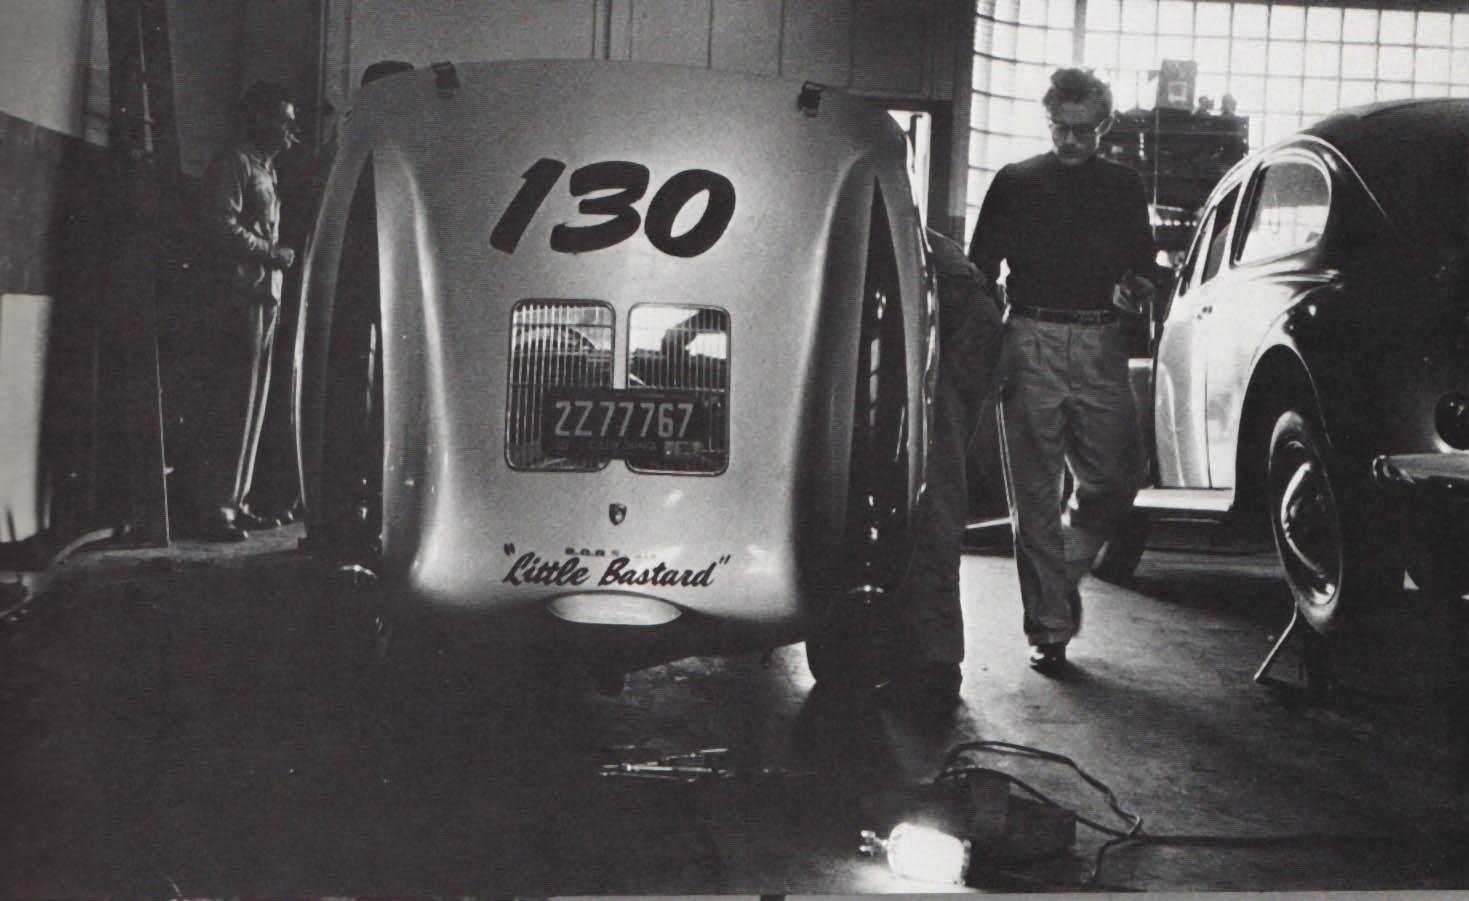 http://bestride.com/blog/wp-content/uploads/2014/10/Little-Bastard-was-James-Dean-Porsche-550-Spyder.jpg.jpg